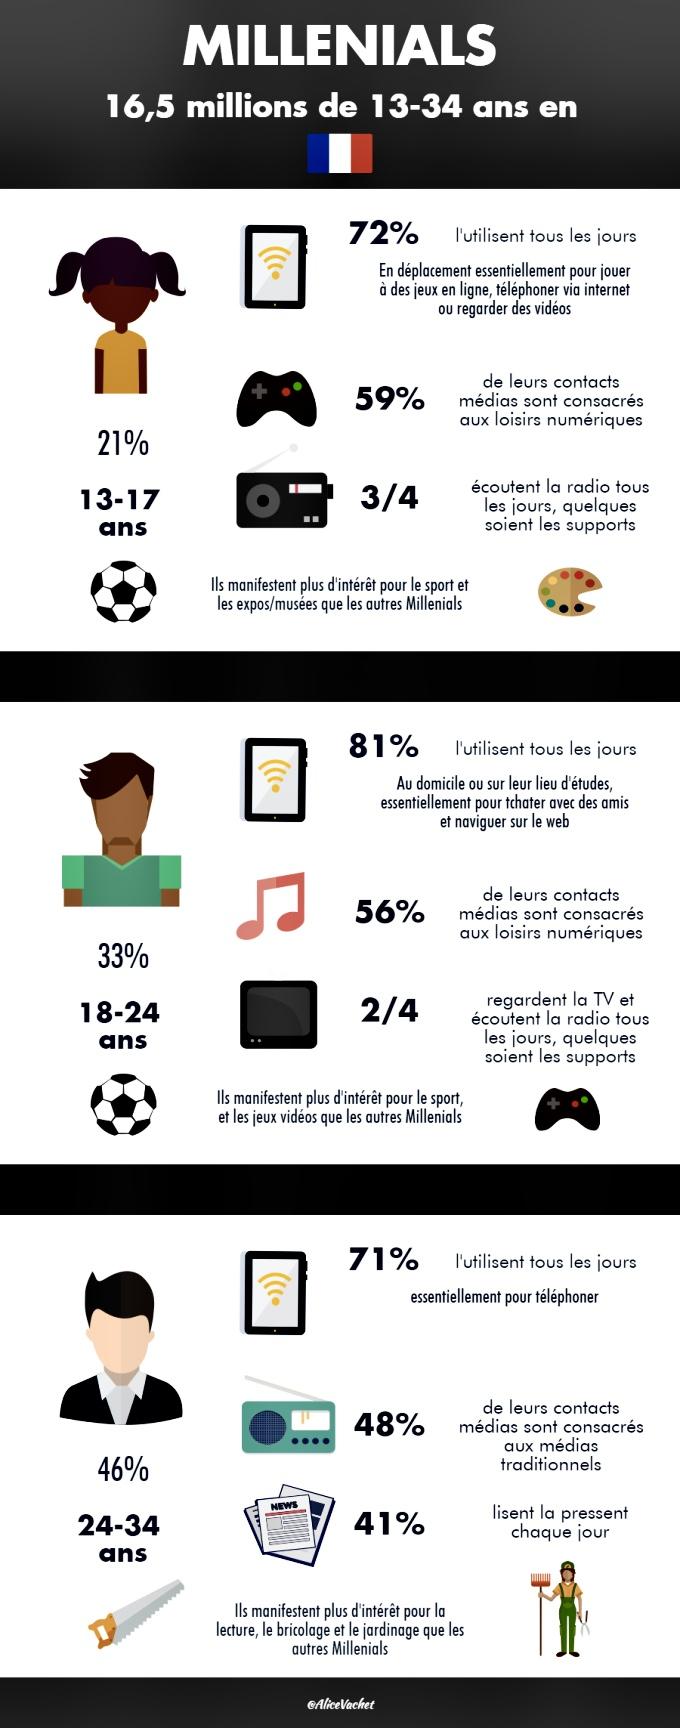 [Infographie] Millennials : 3 générations pour un profil💁🏻♀️💁🏾♂️💁🏿